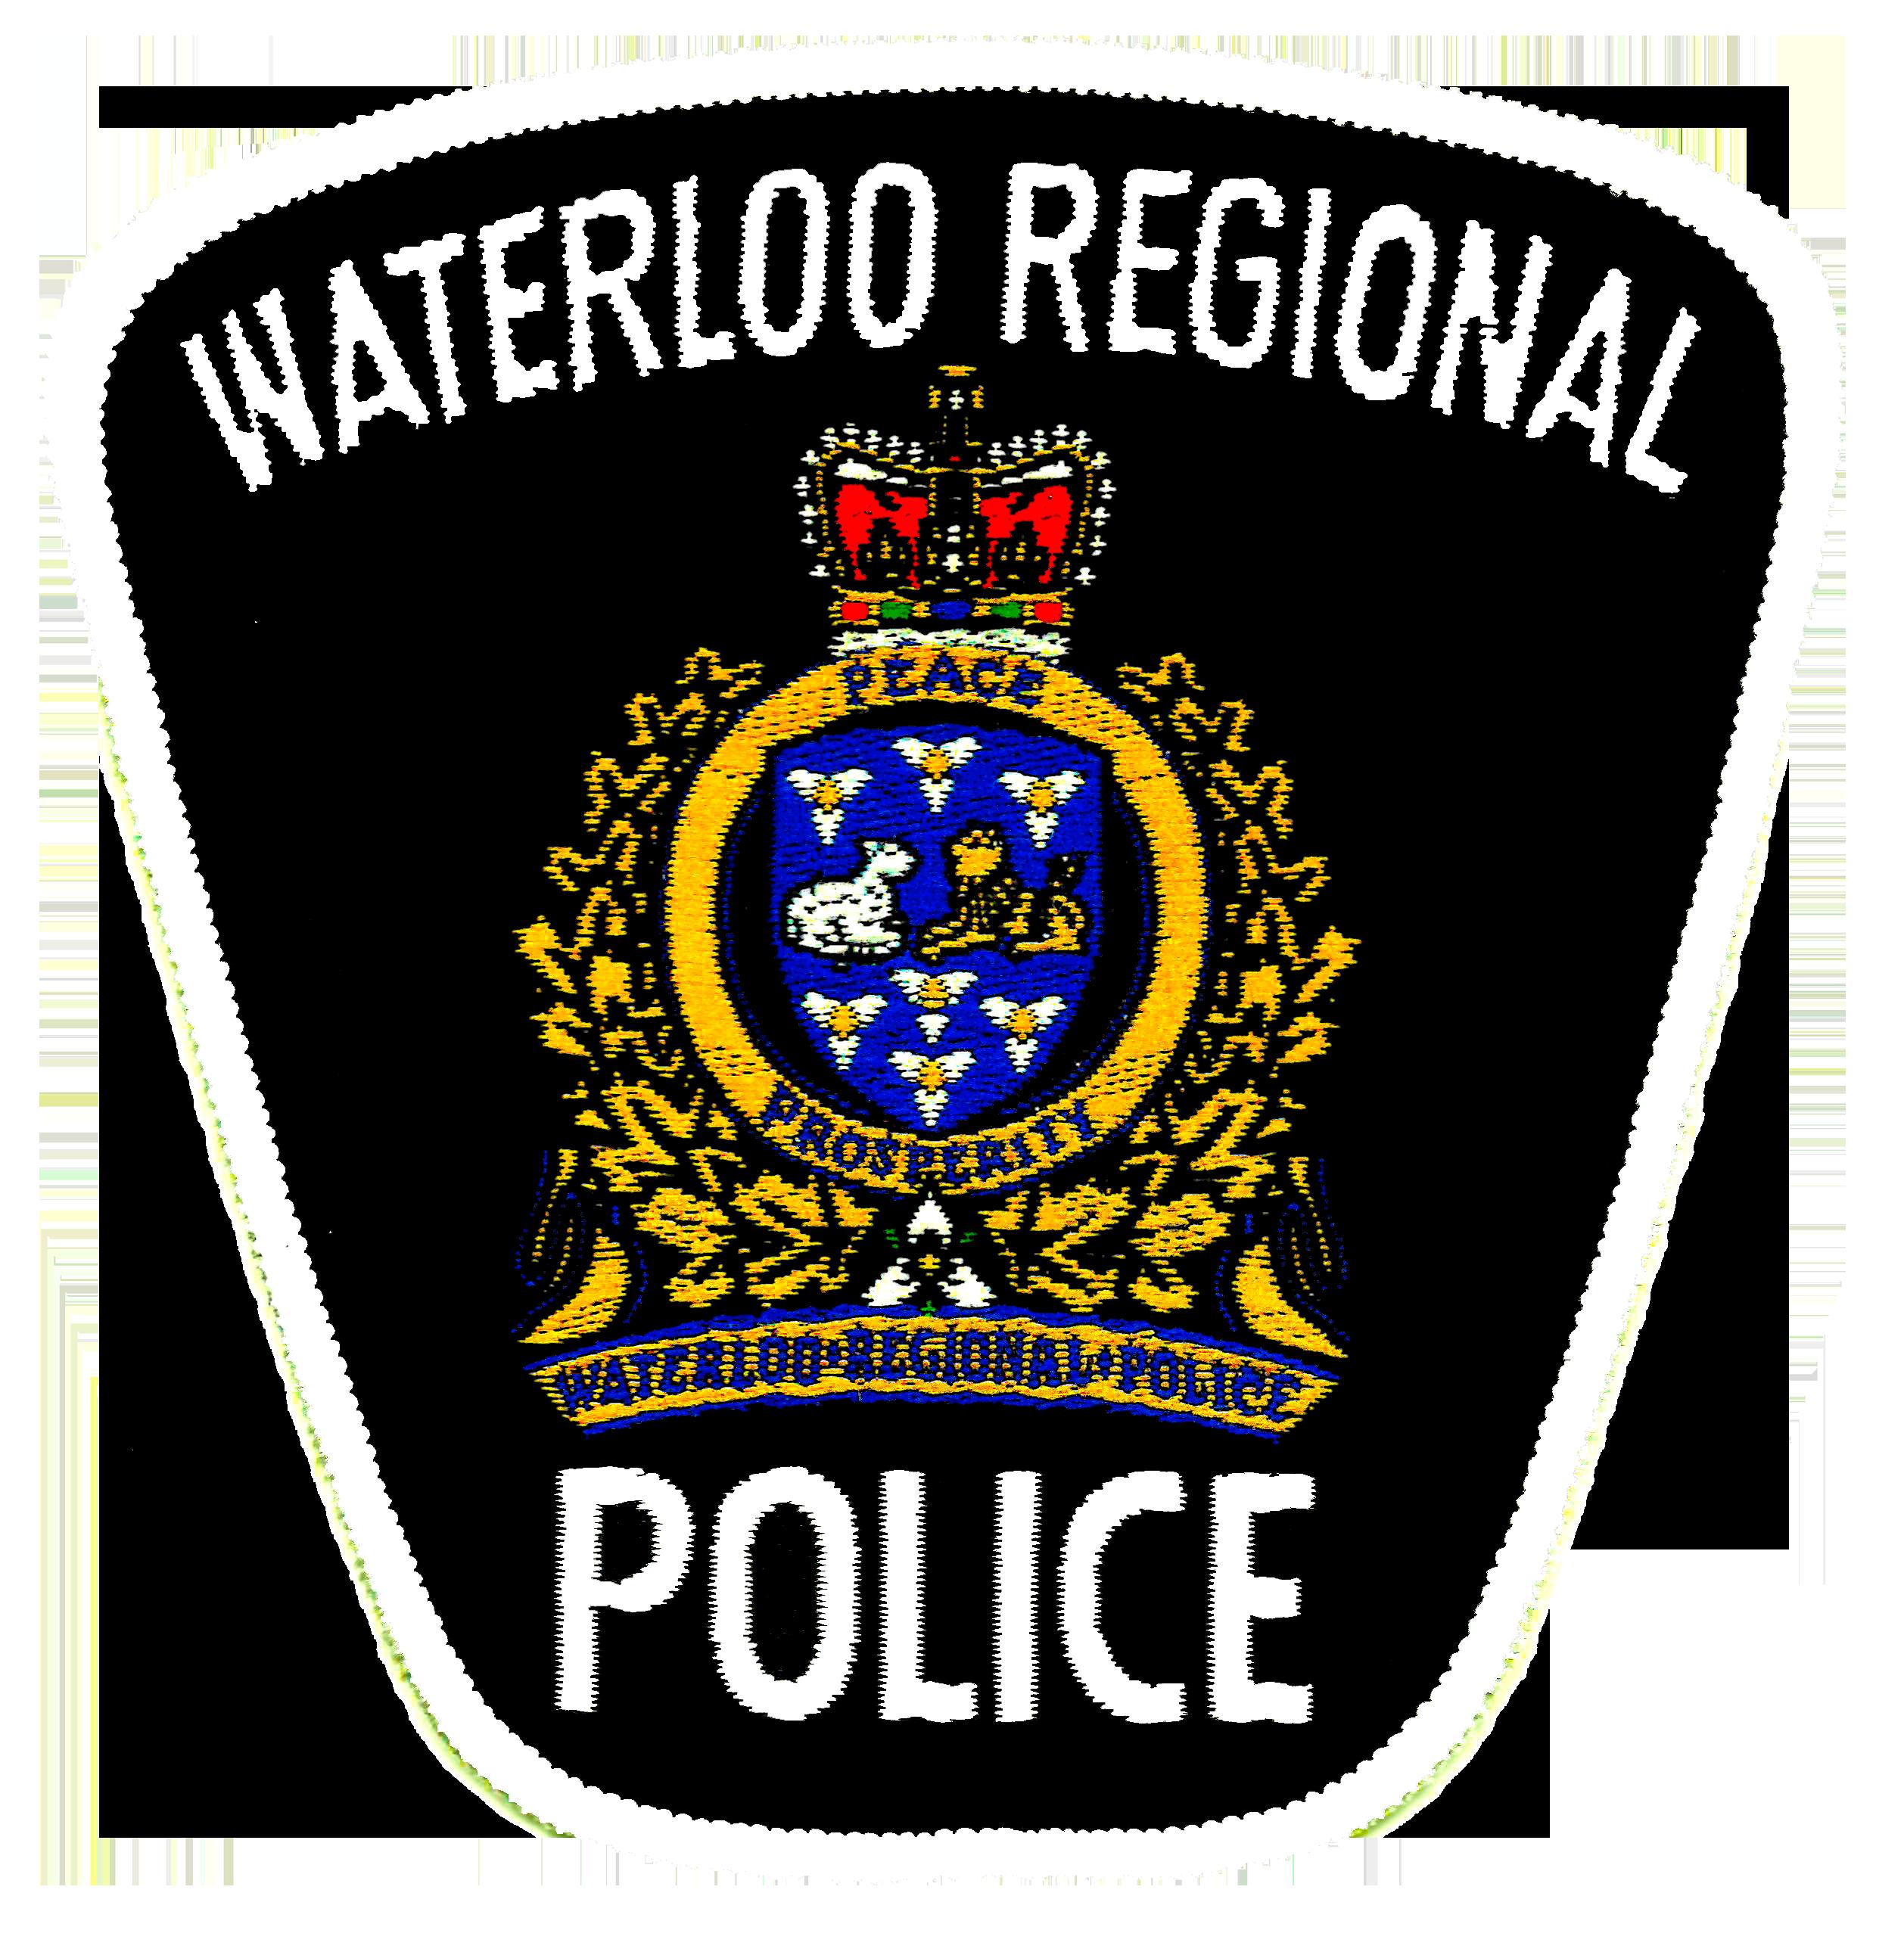 Waterloo_Regional_Police_Shoulder_Flash